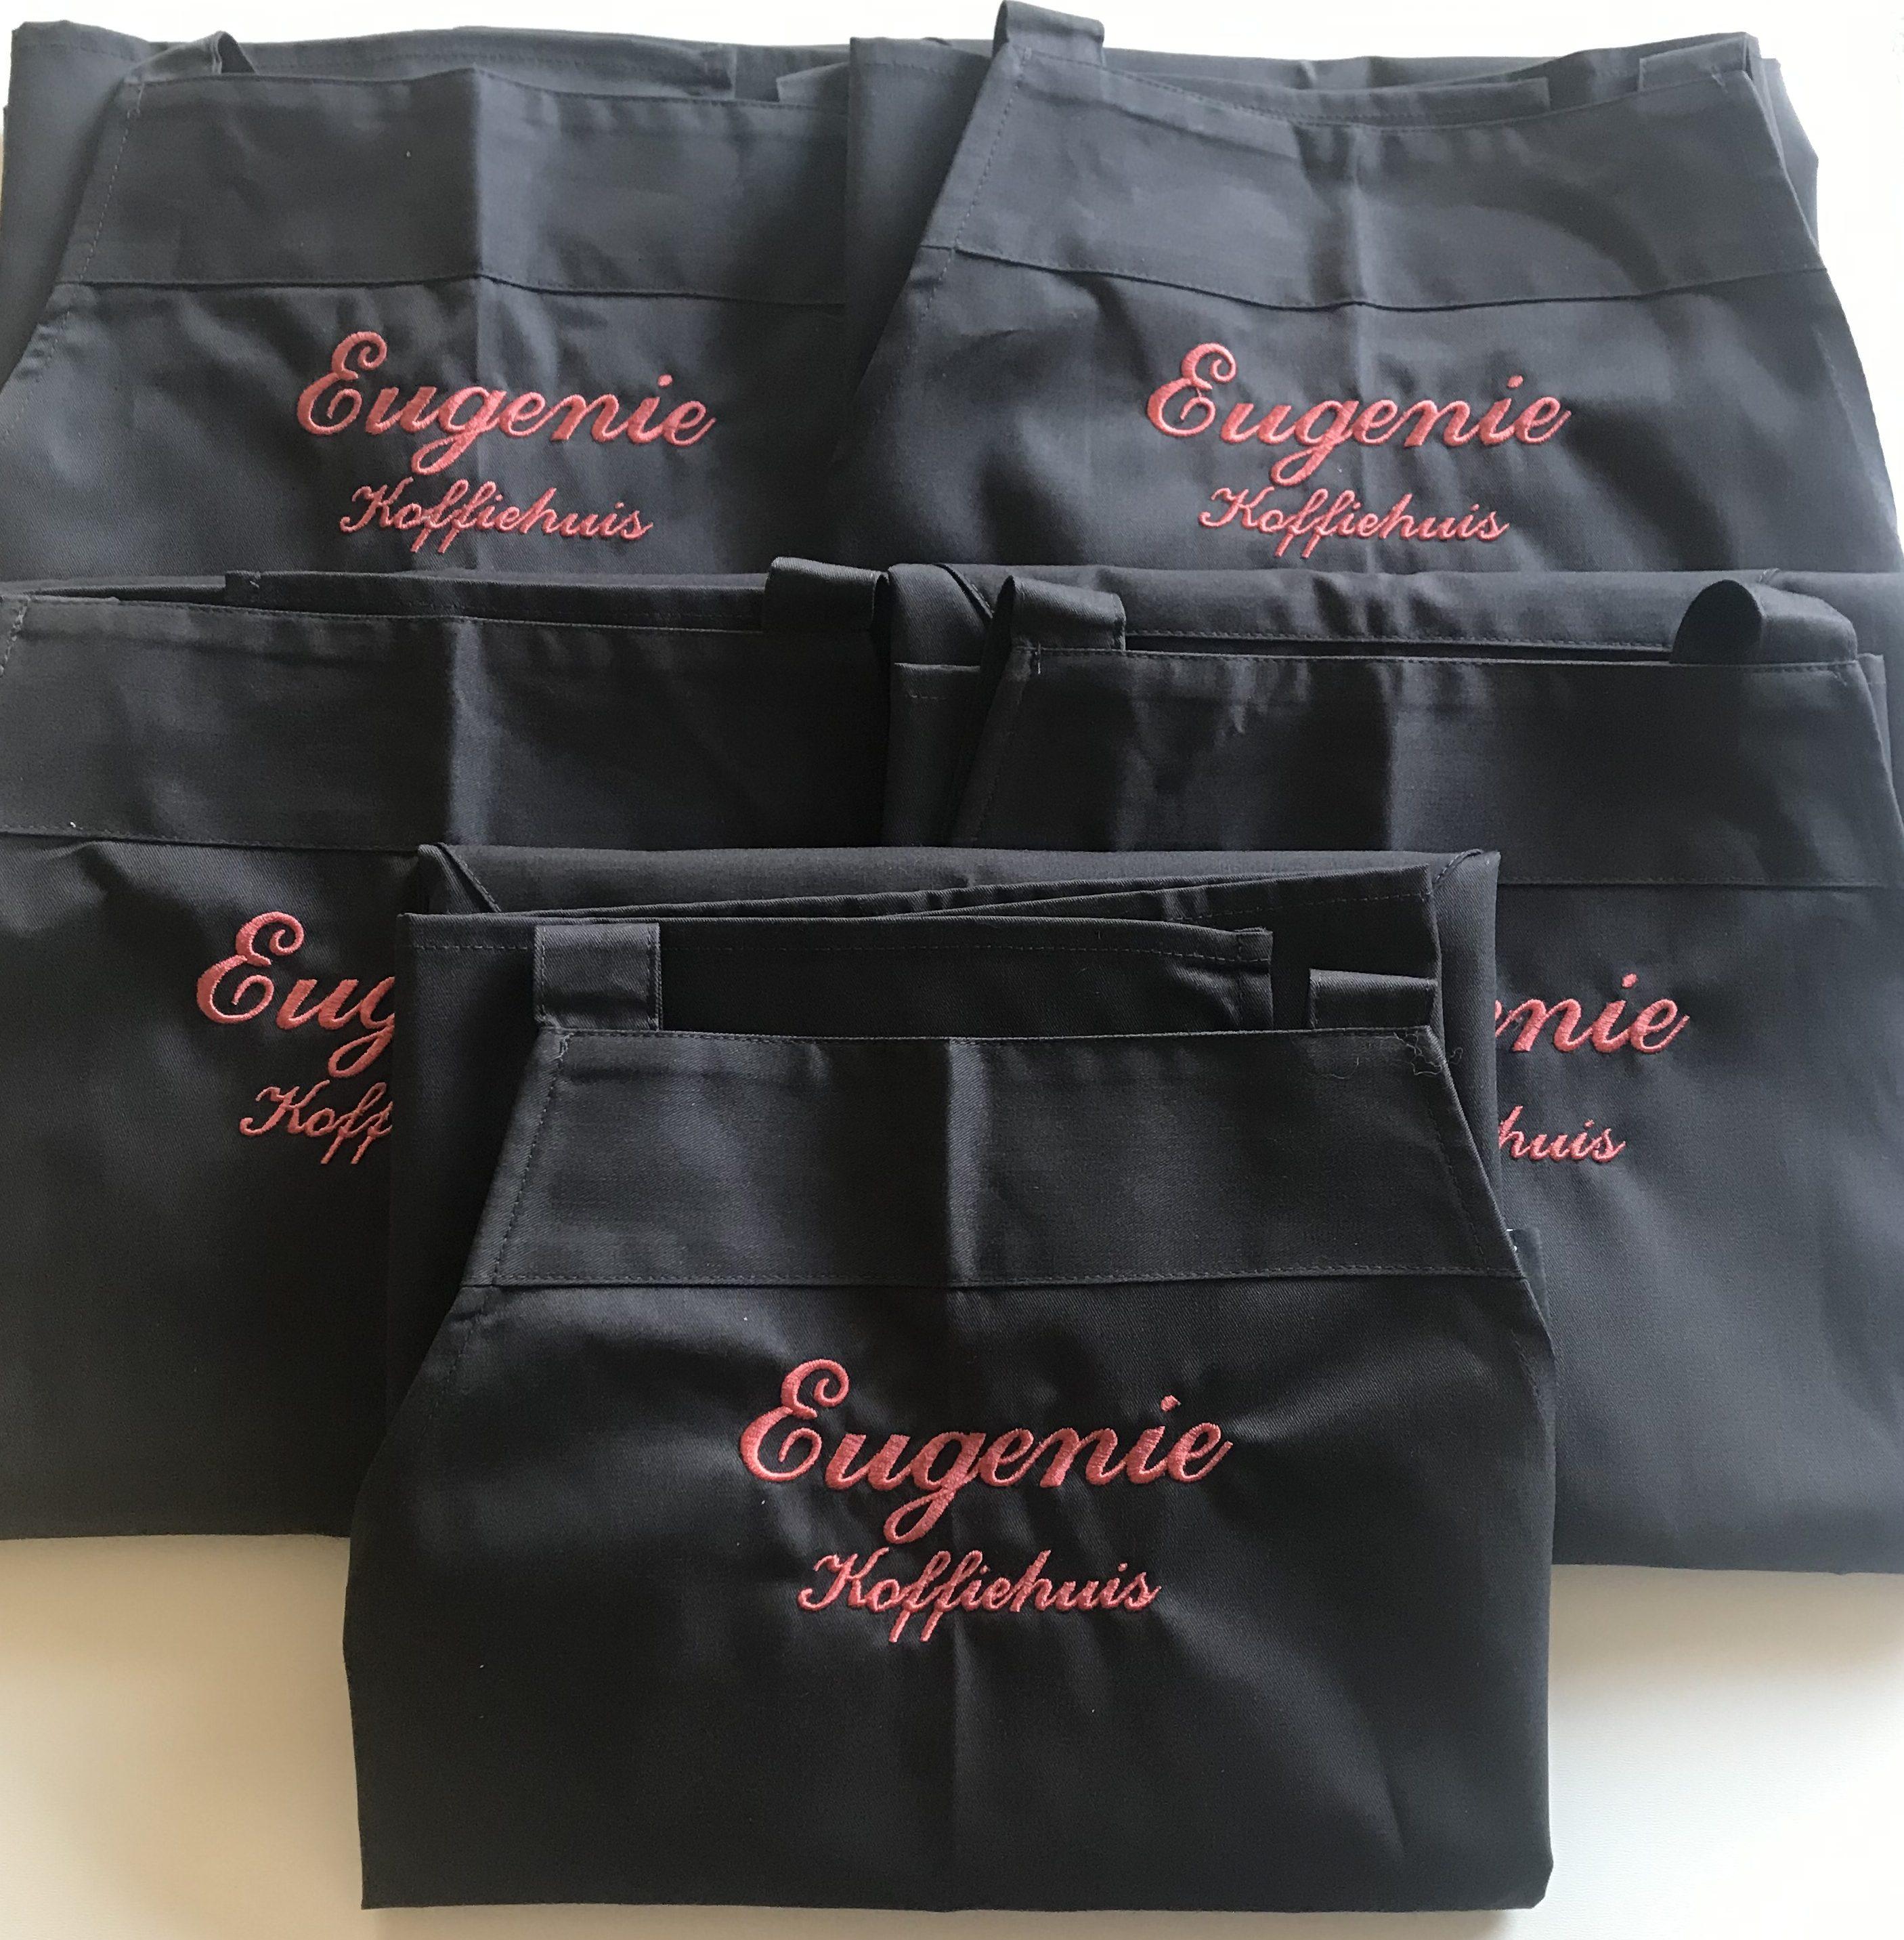 Eugenie Koffiehuis borduren op kleding